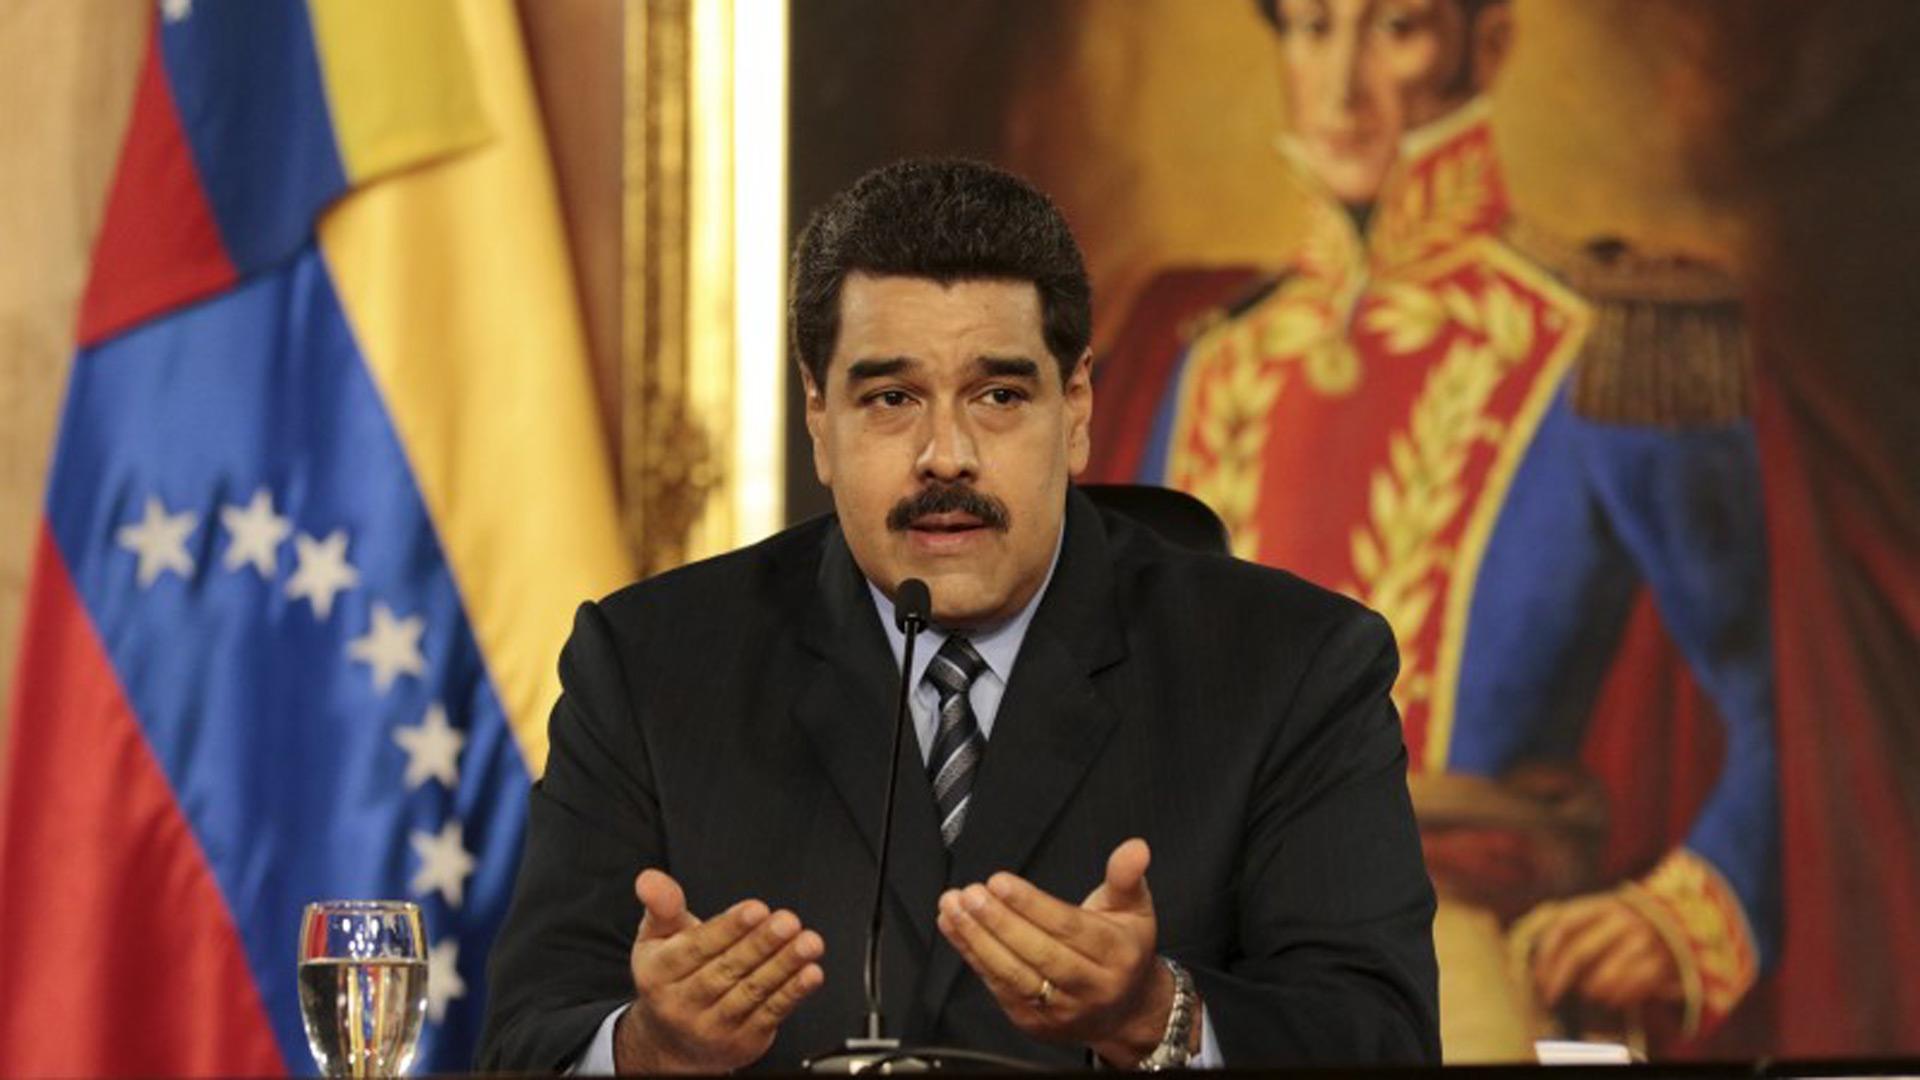 La mayoría de las decisiones tomadas afectarán negativamente el bolsillo de los venezolanos